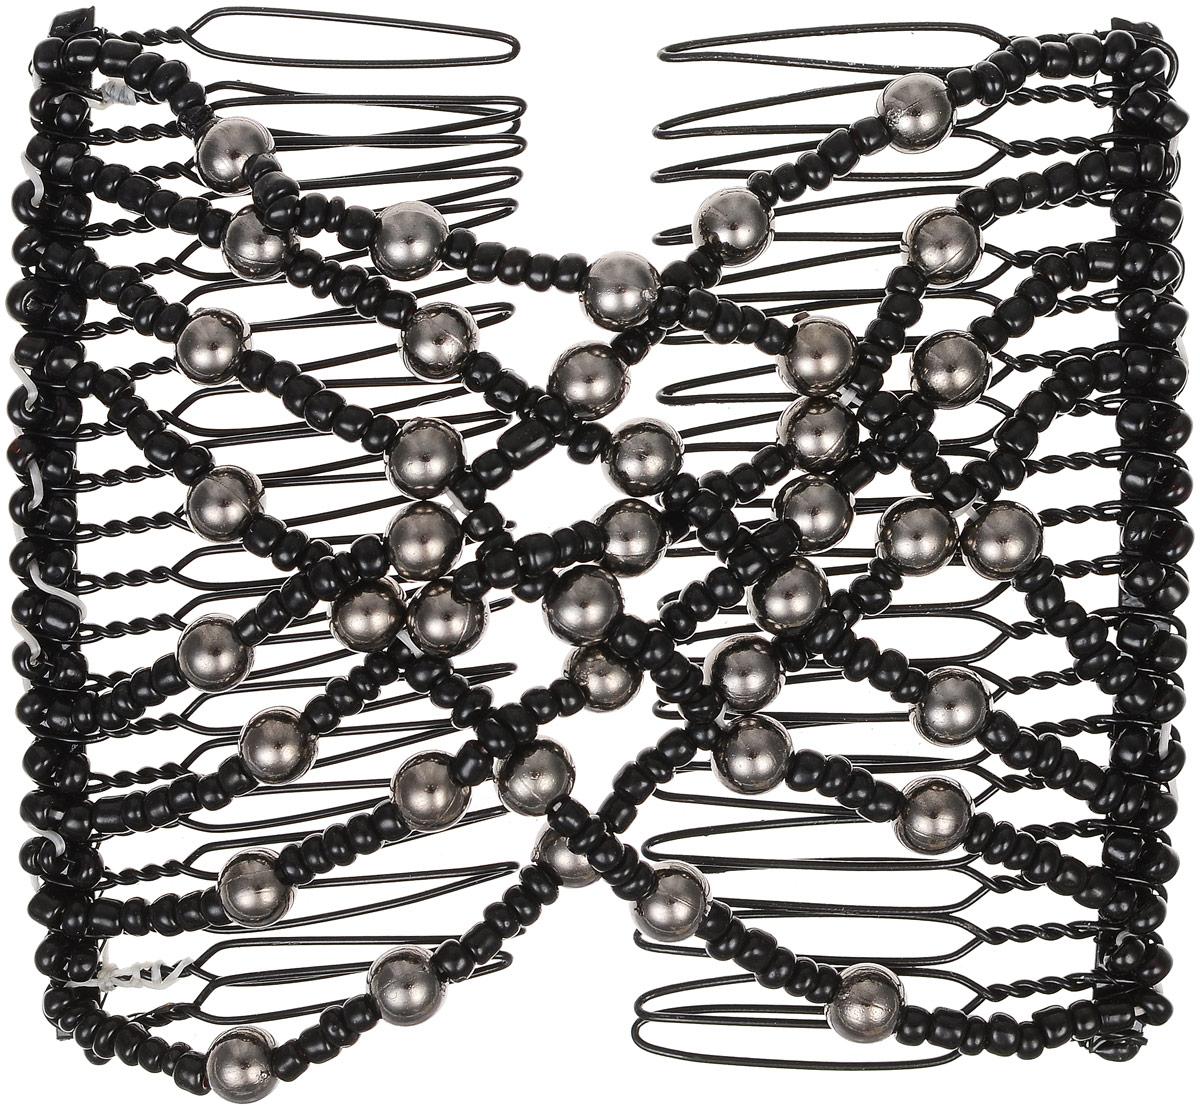 EZ-Combs Заколка Изи-Комбс, одинарная, цвет: черный, серебристый. ЗИОЗИО_черный, серебристый жемчугУдобная и практичная EZ-Combs подходит для любого типа волос: тонких, жестких, вьющихся или прямых, и не наносит им никакого вреда. Заколка не мешает движениям головы и не создает дискомфорта, когда вы отдыхаете или управляете автомобилем. Каждый гребень имеет по 20 зубьев для надежной фиксации заколки на волосах! И даже во время бега и интенсивных тренировок в спортзале EZ-Combs не падает; она прочно фиксирует прическу, сохраняя укладку в первозданном виде. Небольшая и легкая заколка для волос EZ-Combs поместится в любой дамской сумочке, позволяя быстро и без особых усилий создавать неповторимые прически там, где вам это удобно. Гребень прекрасно сочетается с любой одеждой: будь это классический или спортивный стиль, завершая гармоничный облик современной леди. И неважно, какой образ жизни вы ведете, если у вас есть EZ-Combs, вы всегда будете выглядеть потрясающе.